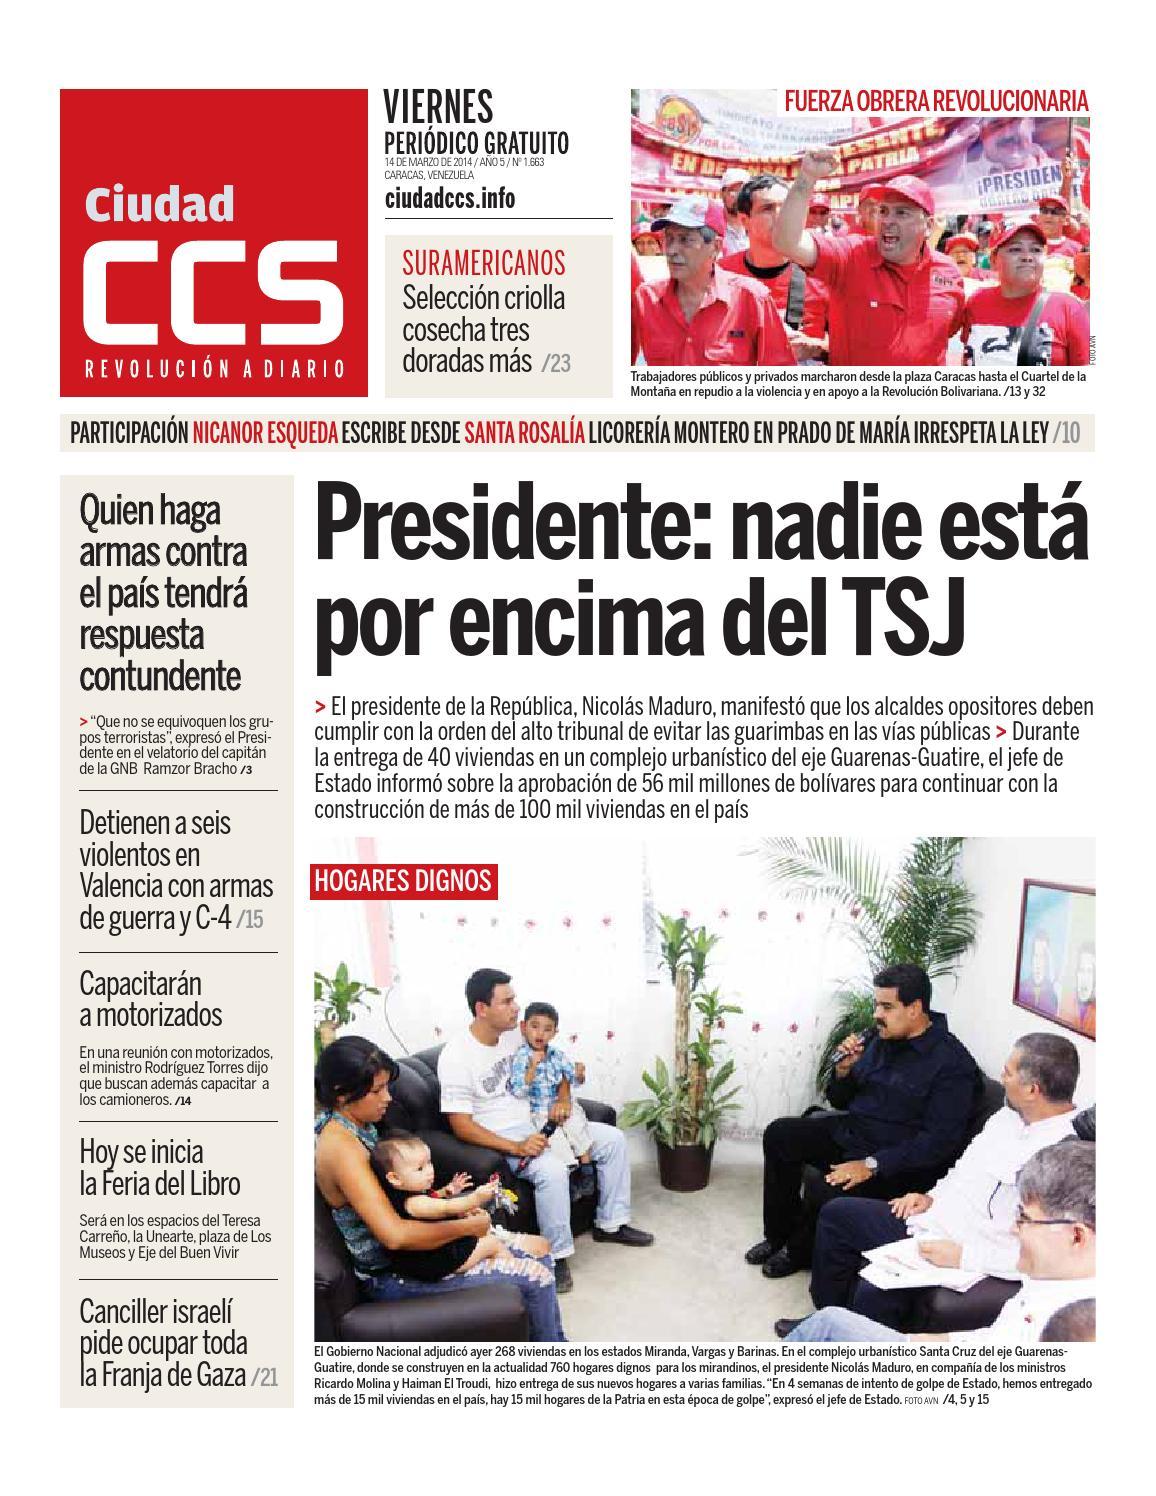 854d6f76616d 14 03 14 by Ciudad CCS - issuu